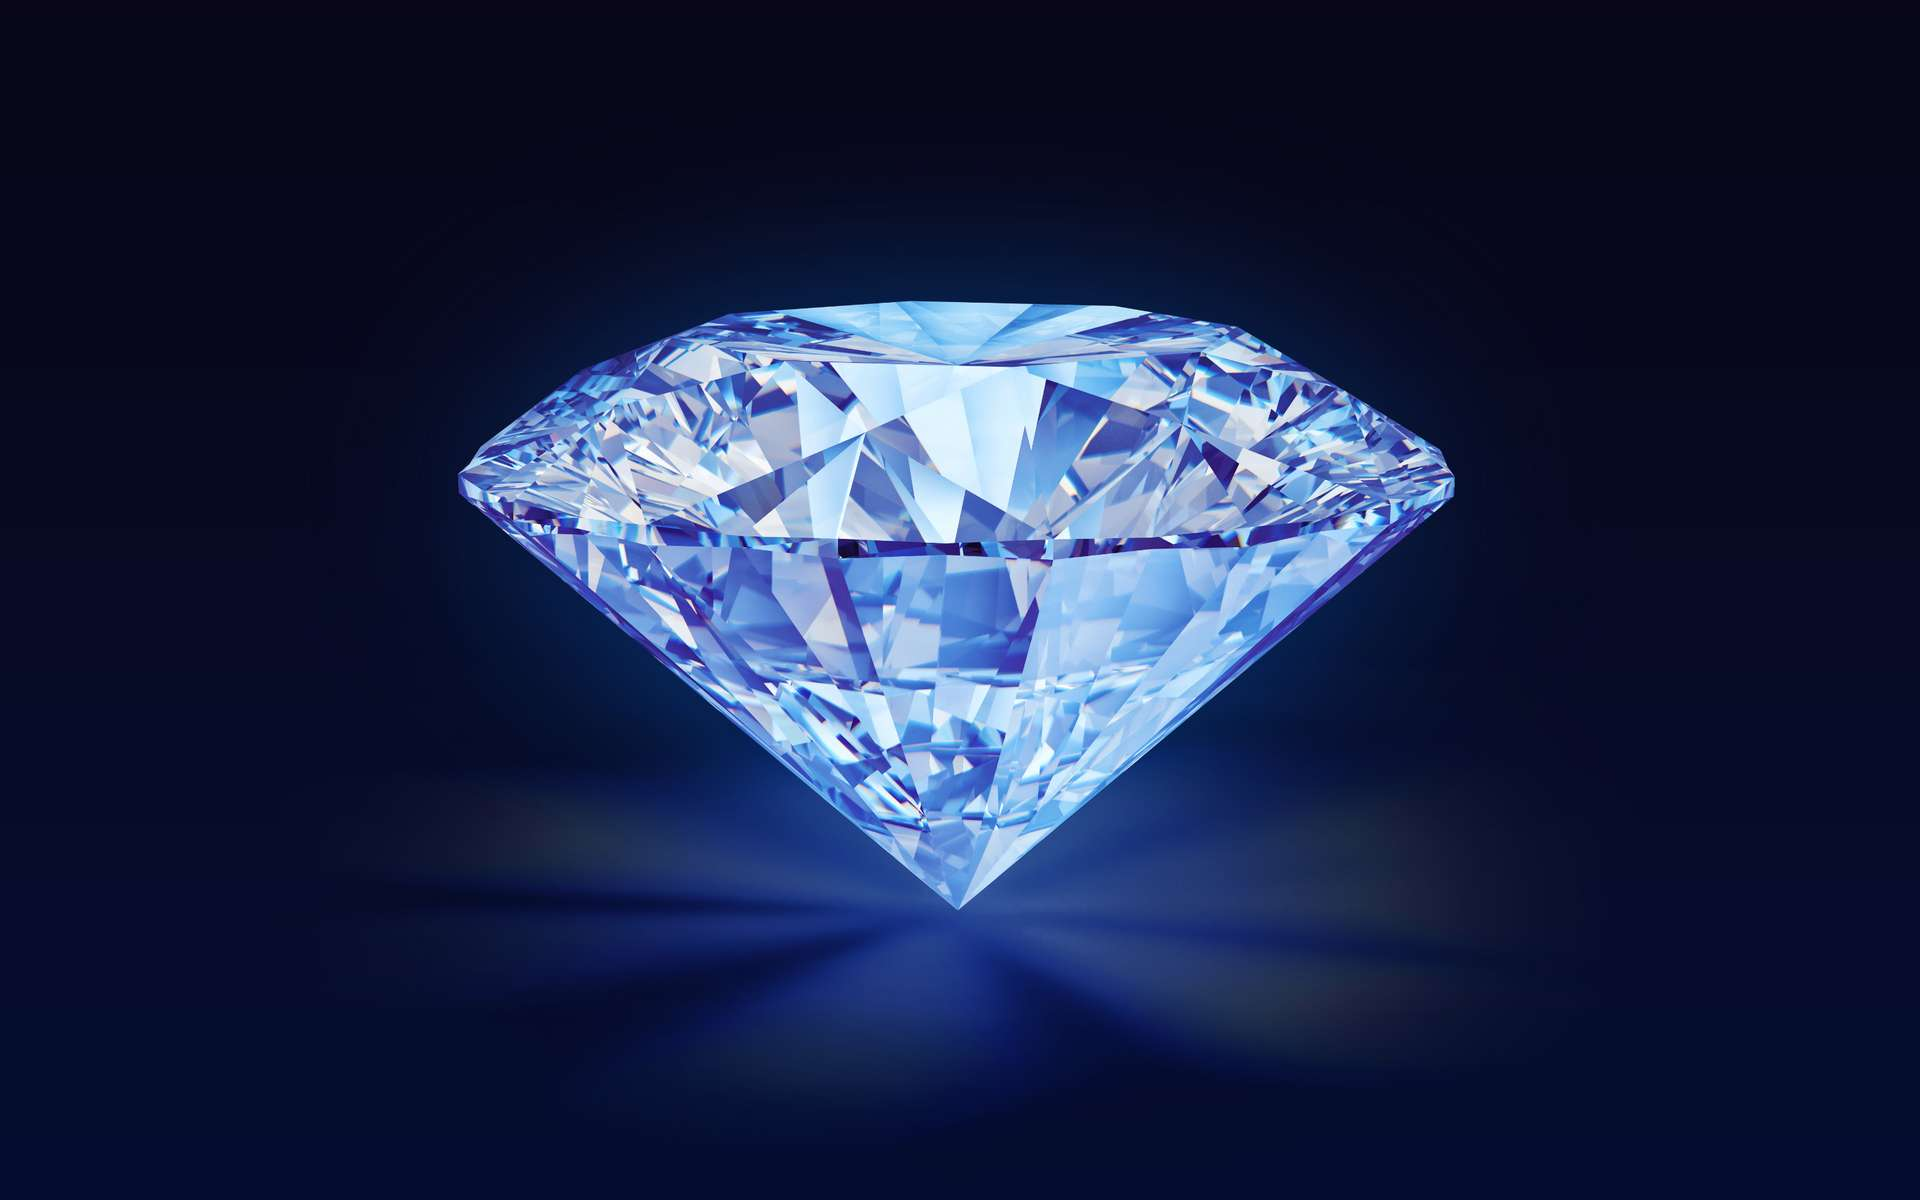 Le diamantaire russe Alrosa va commercialiser des diamants fluorescents. © Alrosa